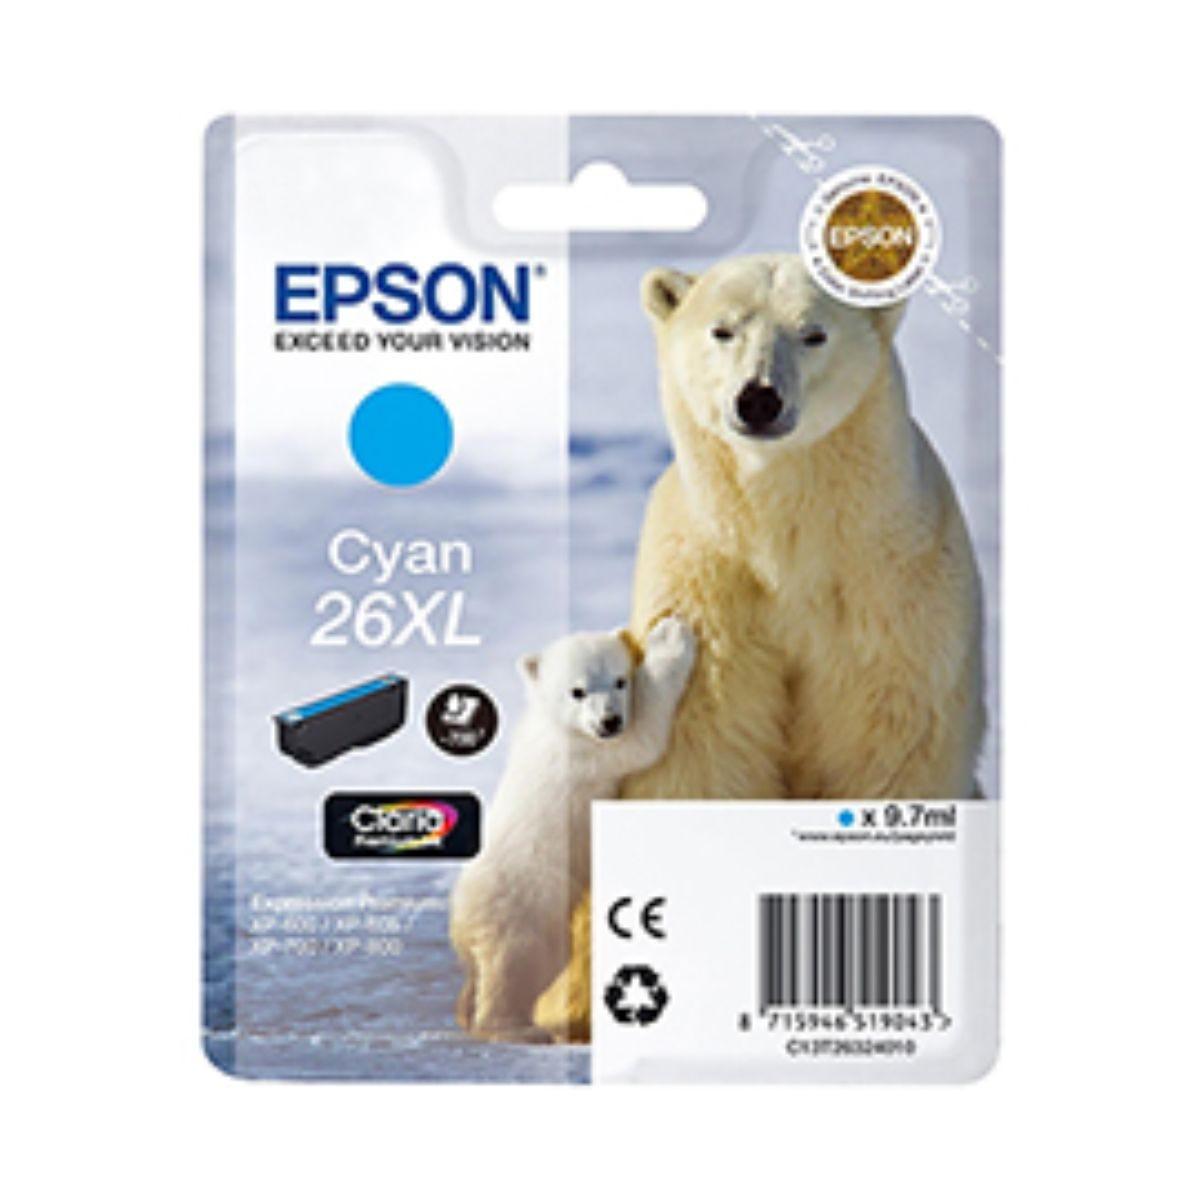 Epson T2632 XL Ink Cyan, Cyan.